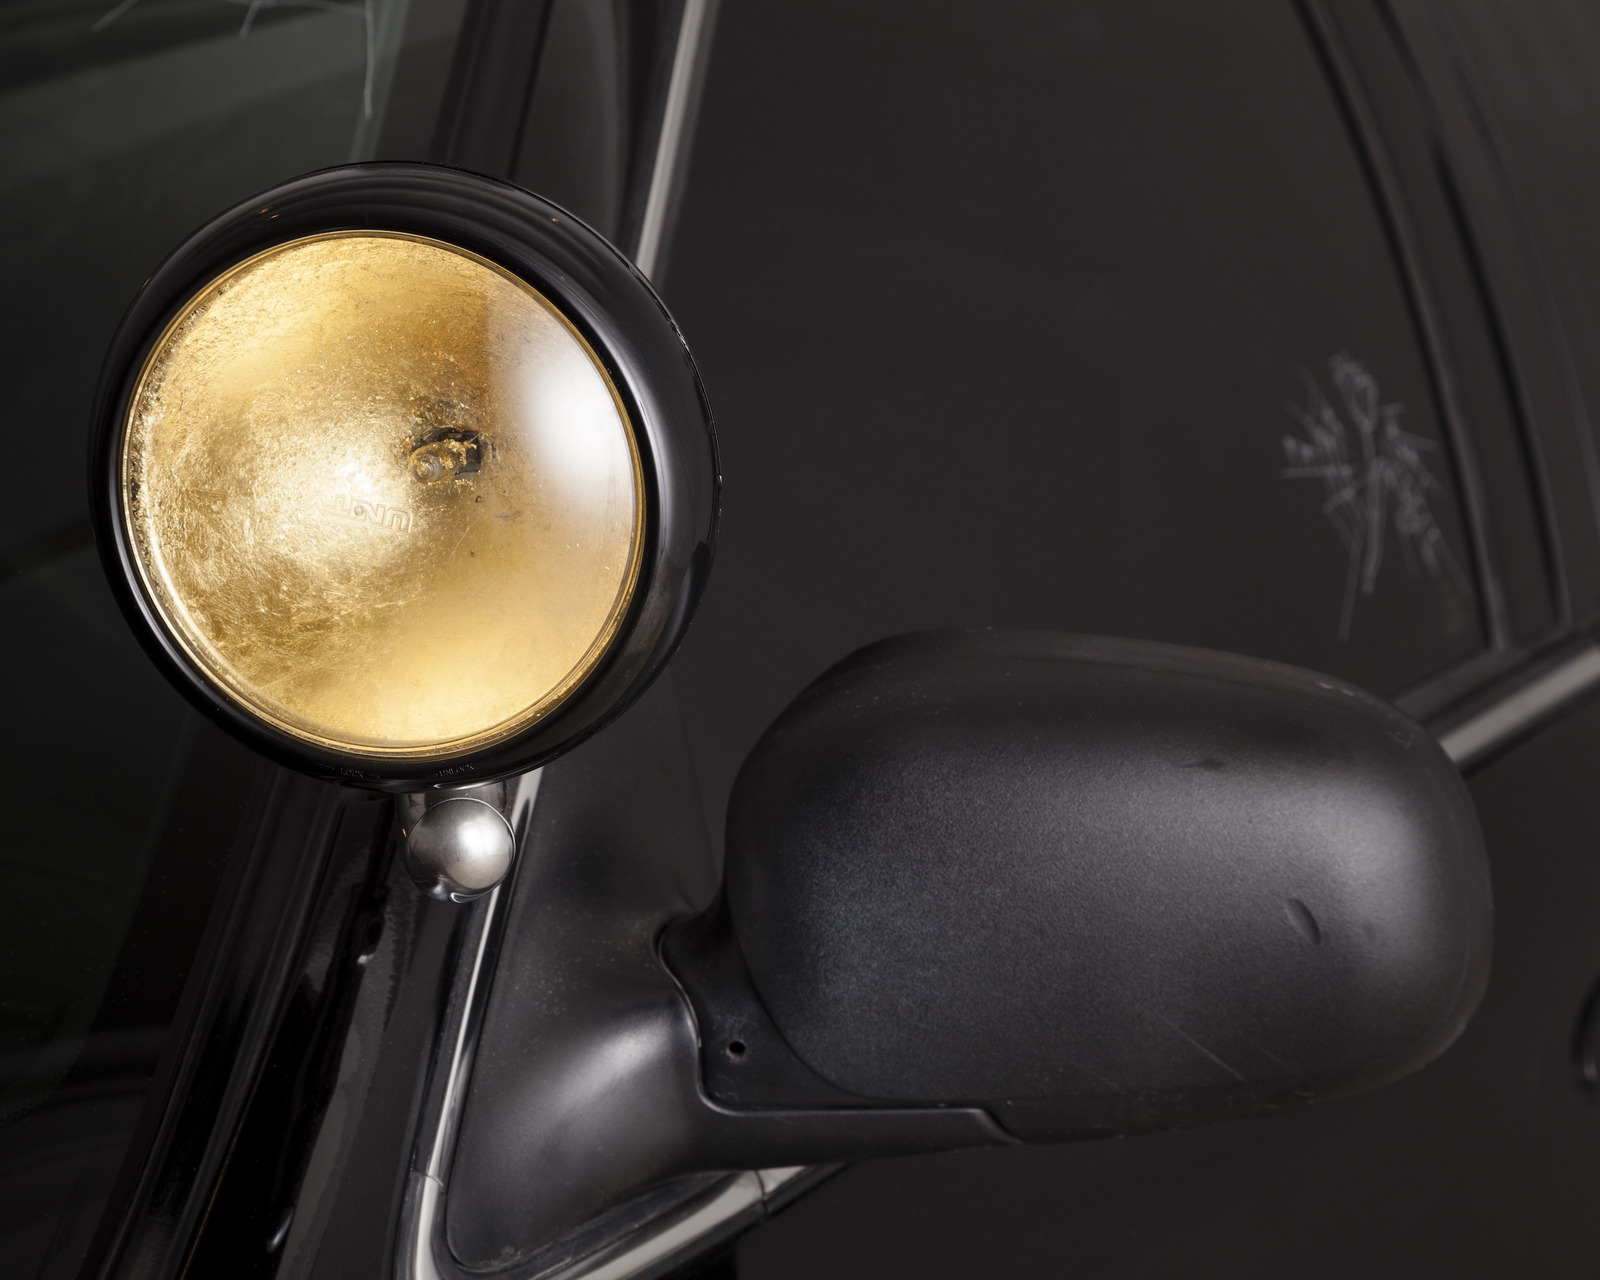 SCa_15_001 detail headlight FULL